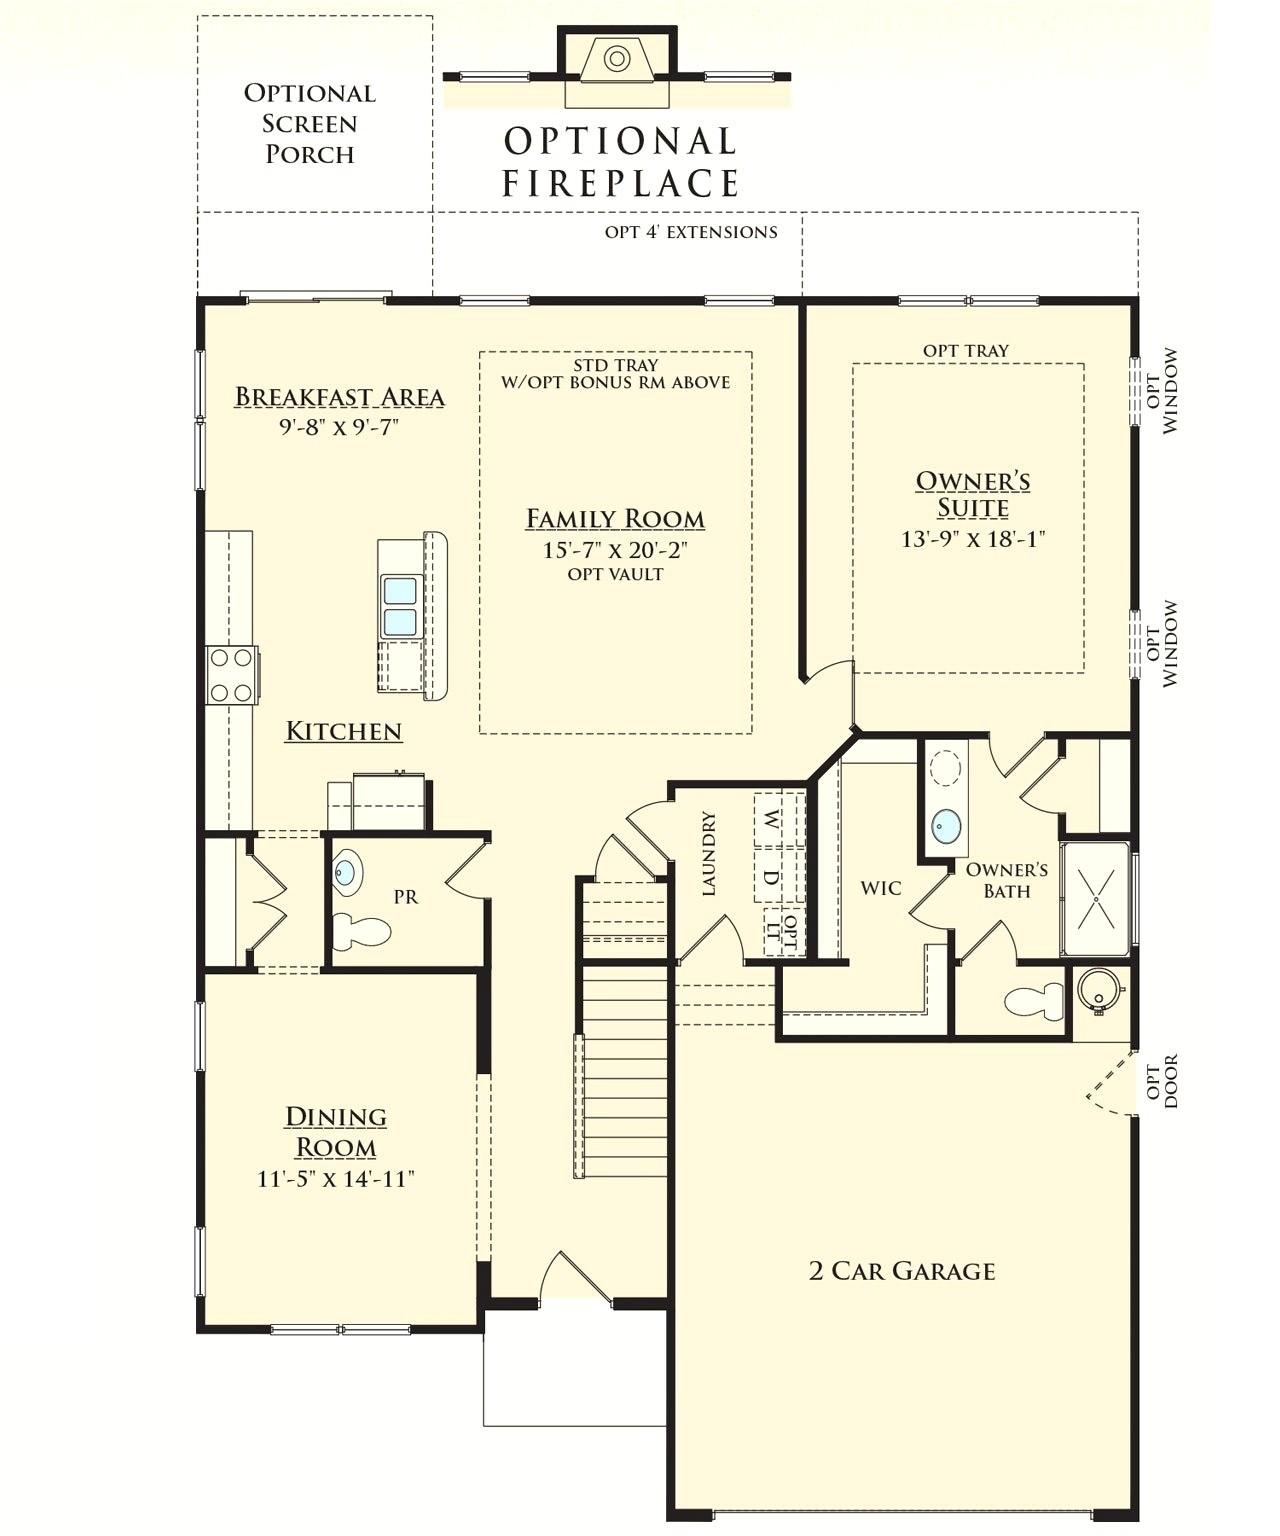 ryan homes floor plans elegant ryan homes wexford floor plan luxury ryan homes floor plans